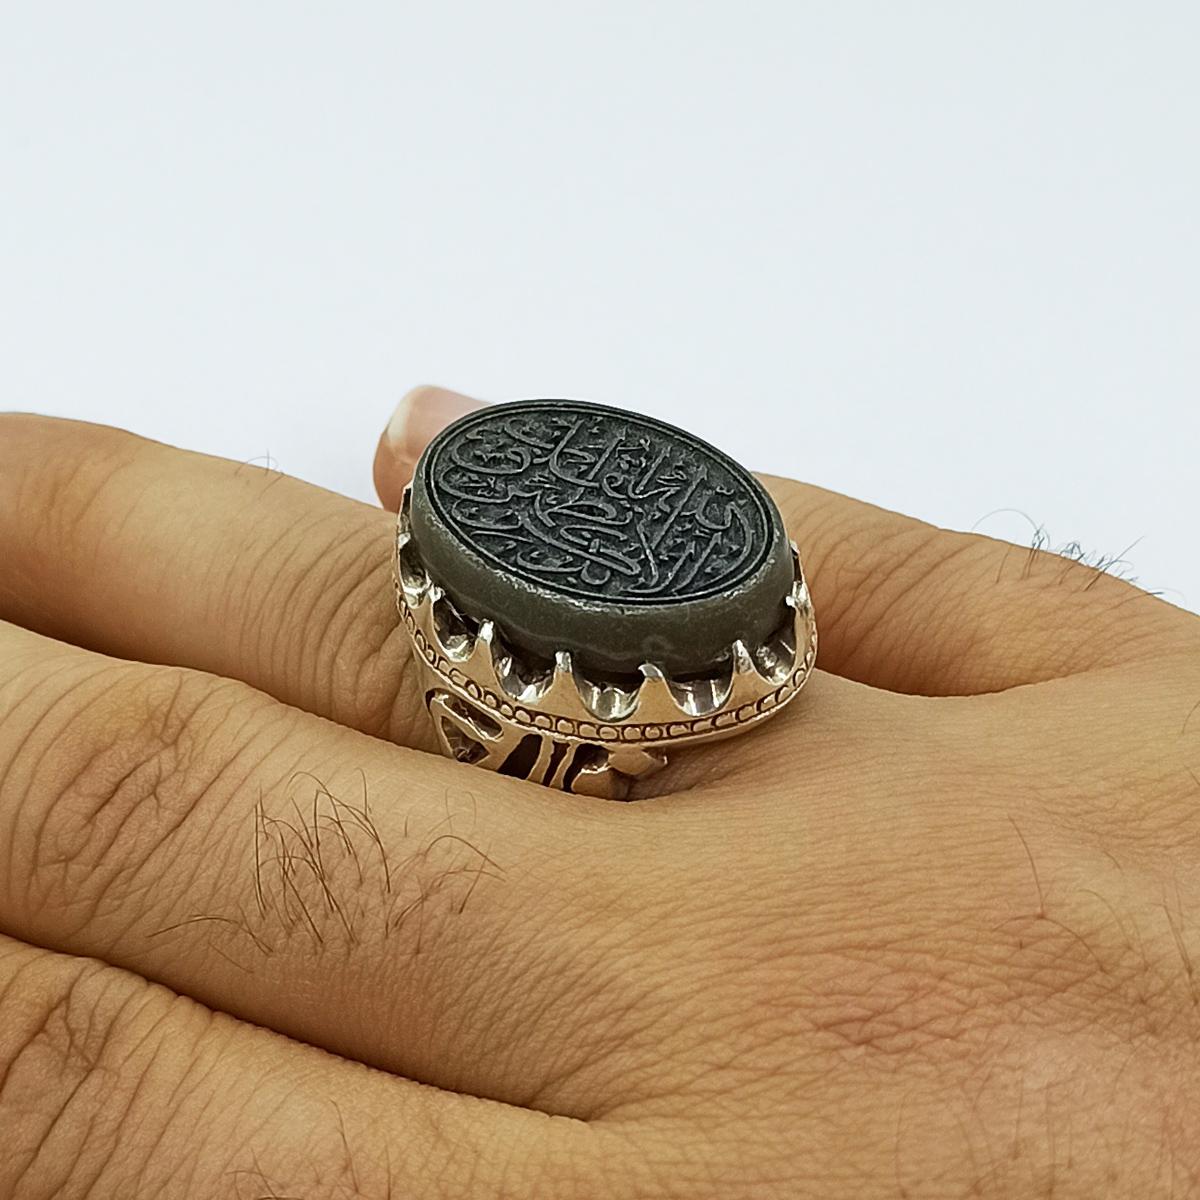 انگشتر نقره مردانه سلین کالا مدل عقیق کد ce-As145